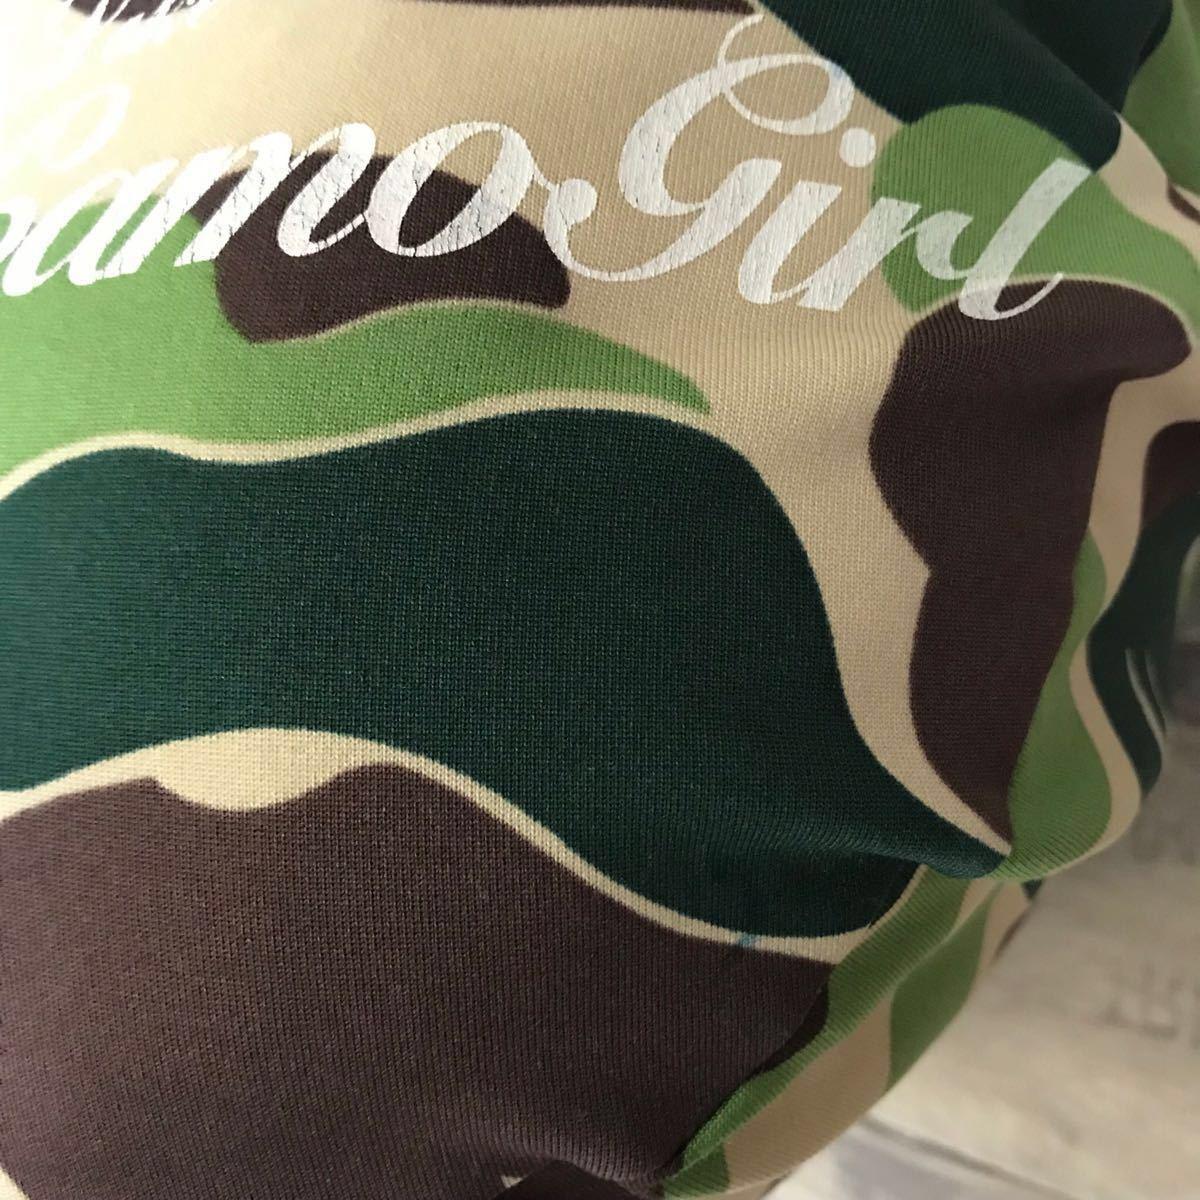 ★激レア★ 特大クッション bape a bathing ape エイプ ベイプ アベイシングエイプ ABC camo cushion ABCカモ クッション furniture nigo